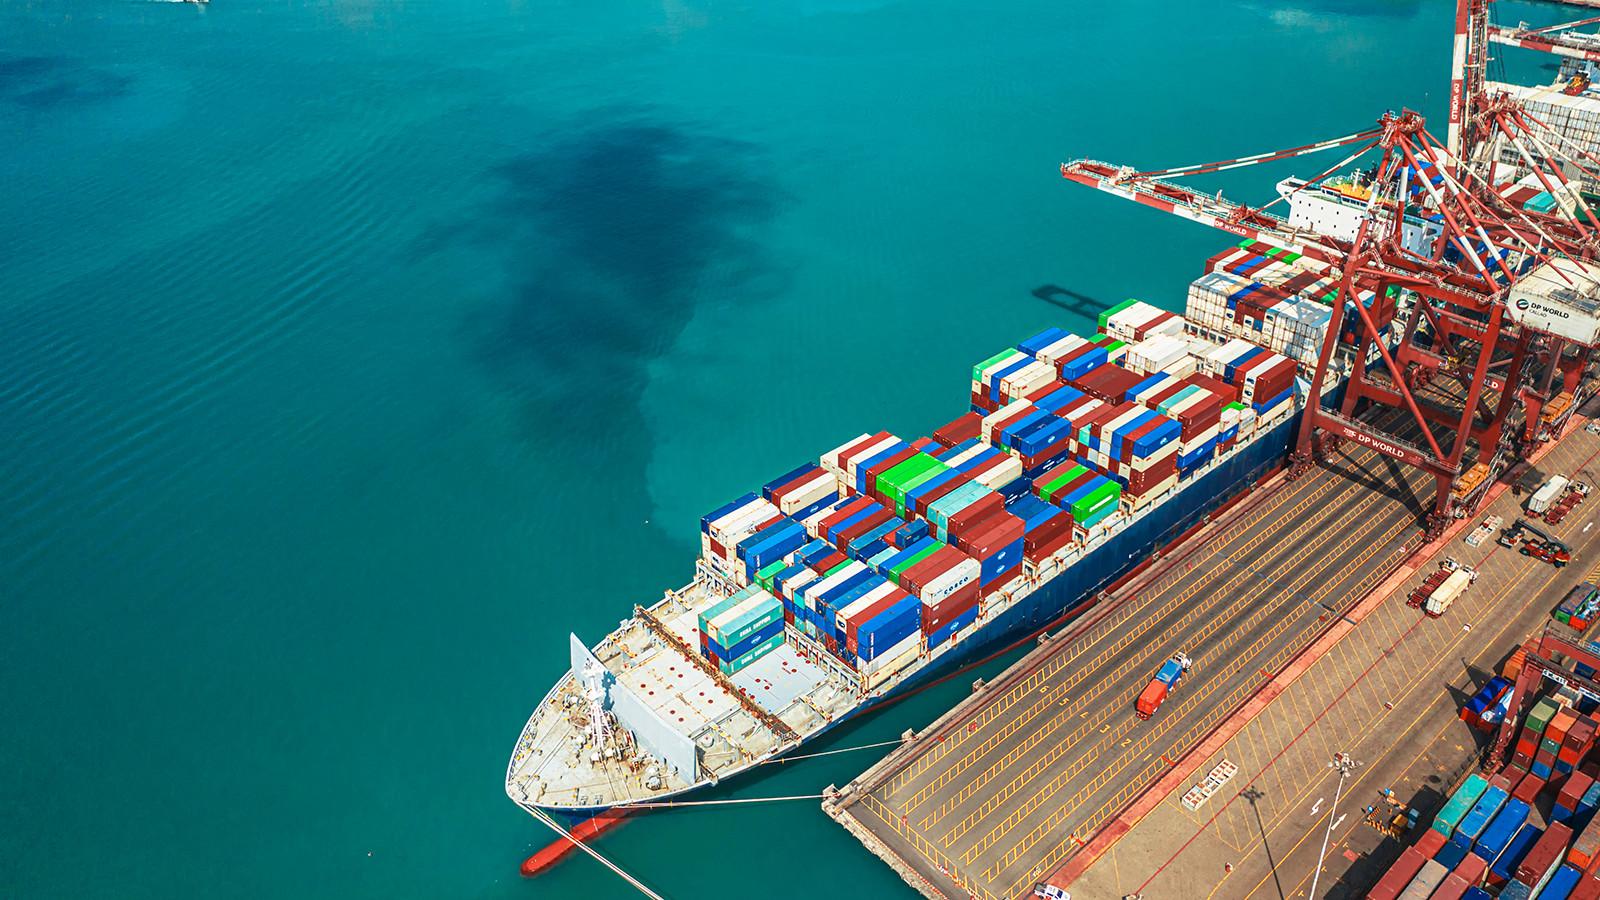 Indra desarrollará en Perú una plataforma portuaria para comercio exterior